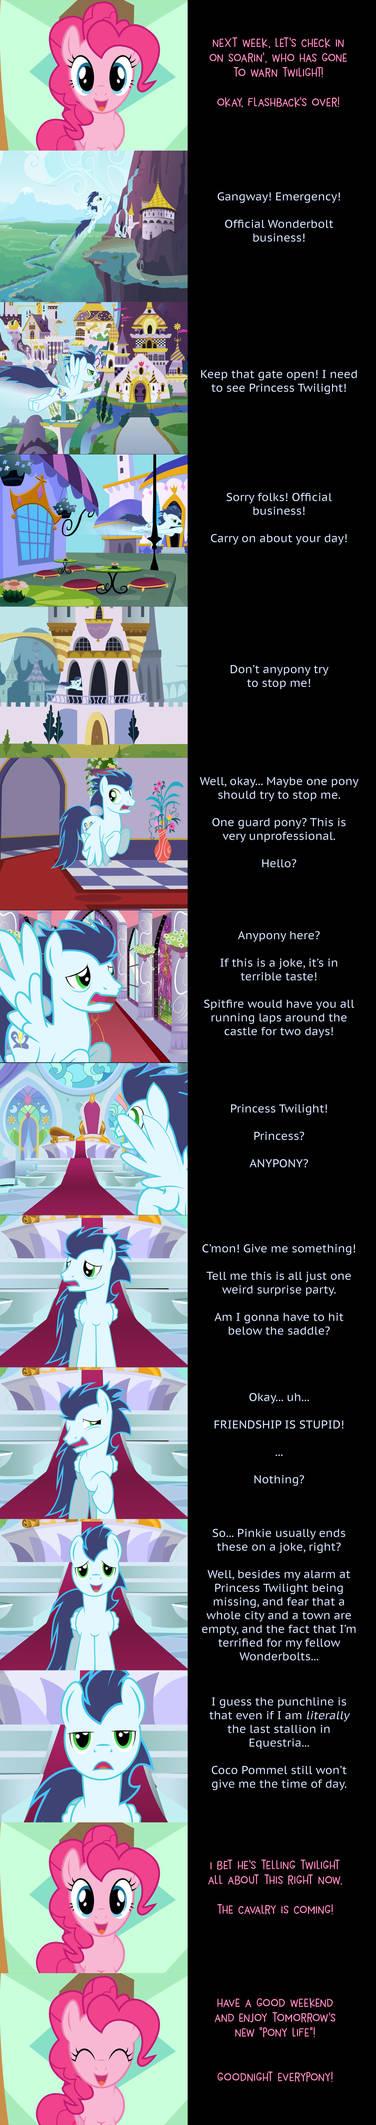 Pinkie Pie Says Goodnight: MIA